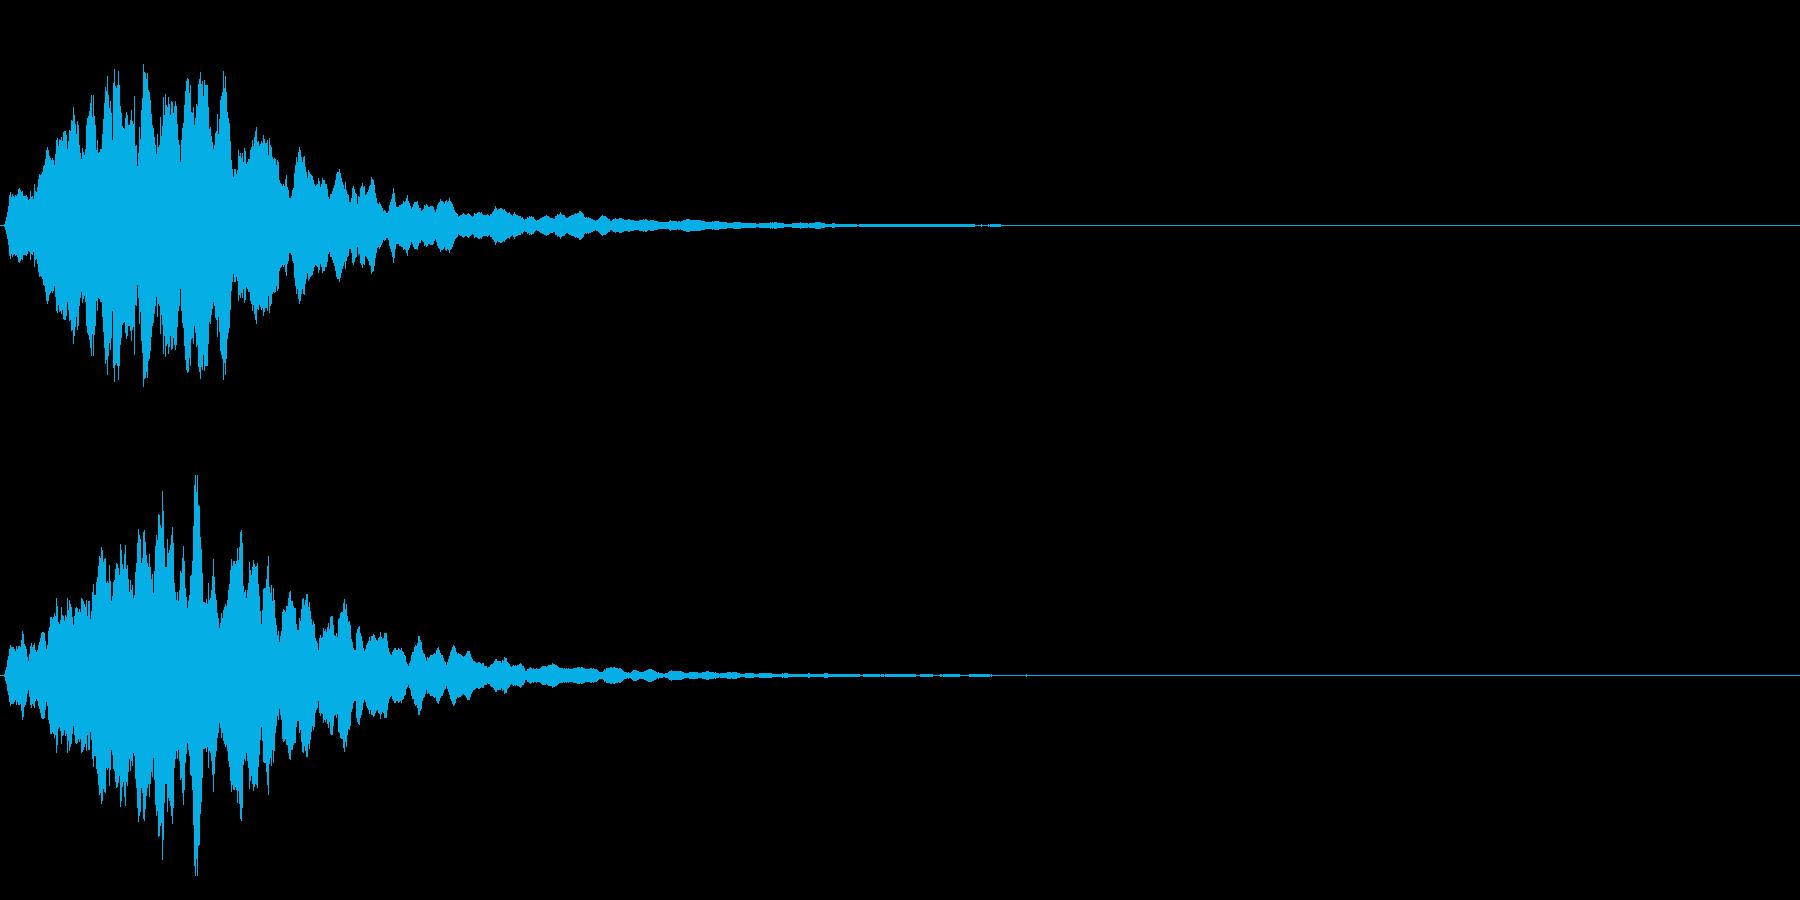 ゲームスタート、決定、ボタン音-004の再生済みの波形